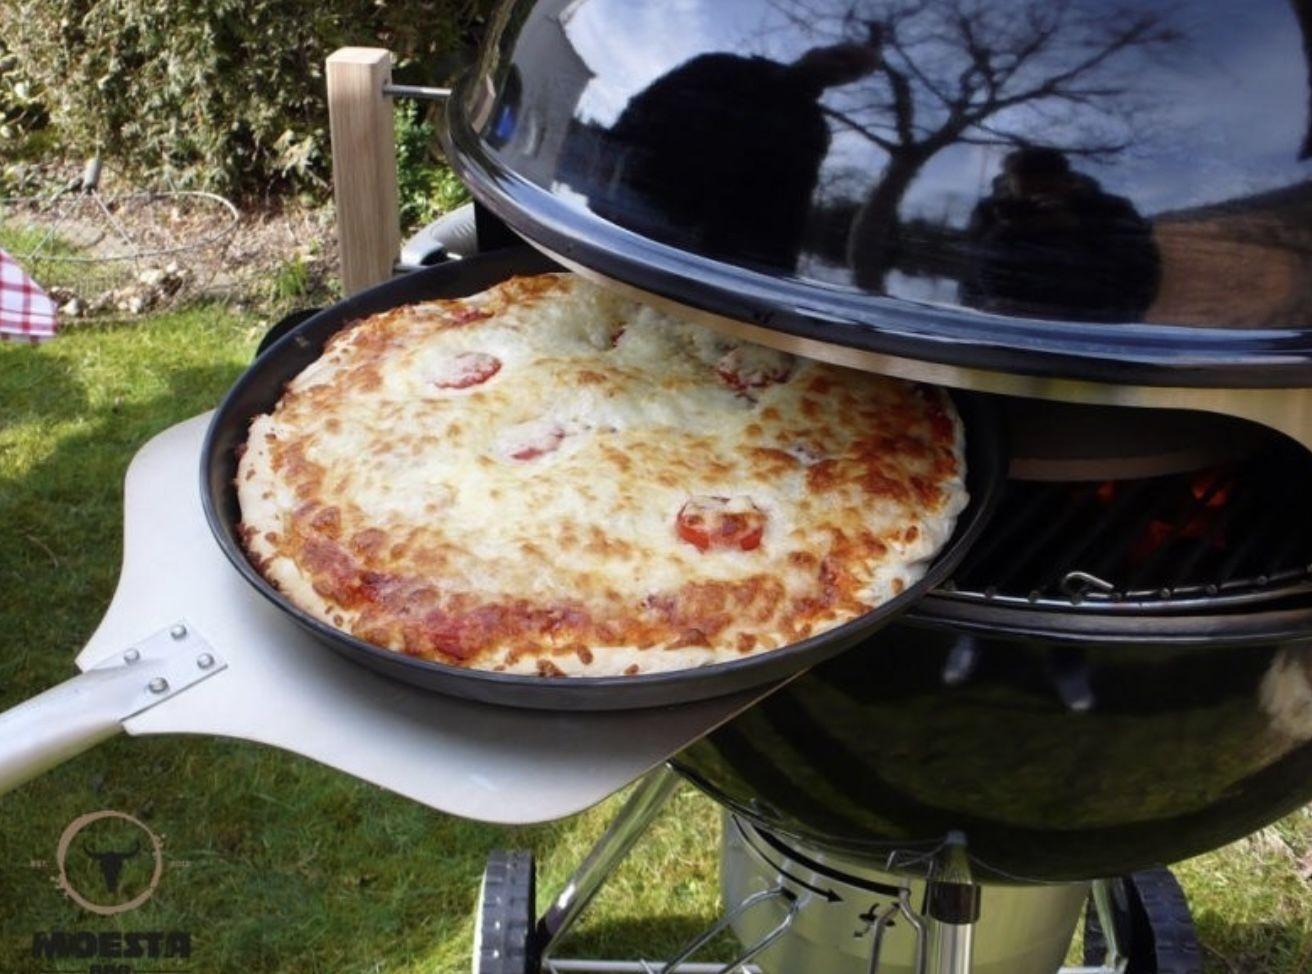 Moesta Pizzaschieber No. 1 Grillbesteck für 22,90€ (statt 27€)